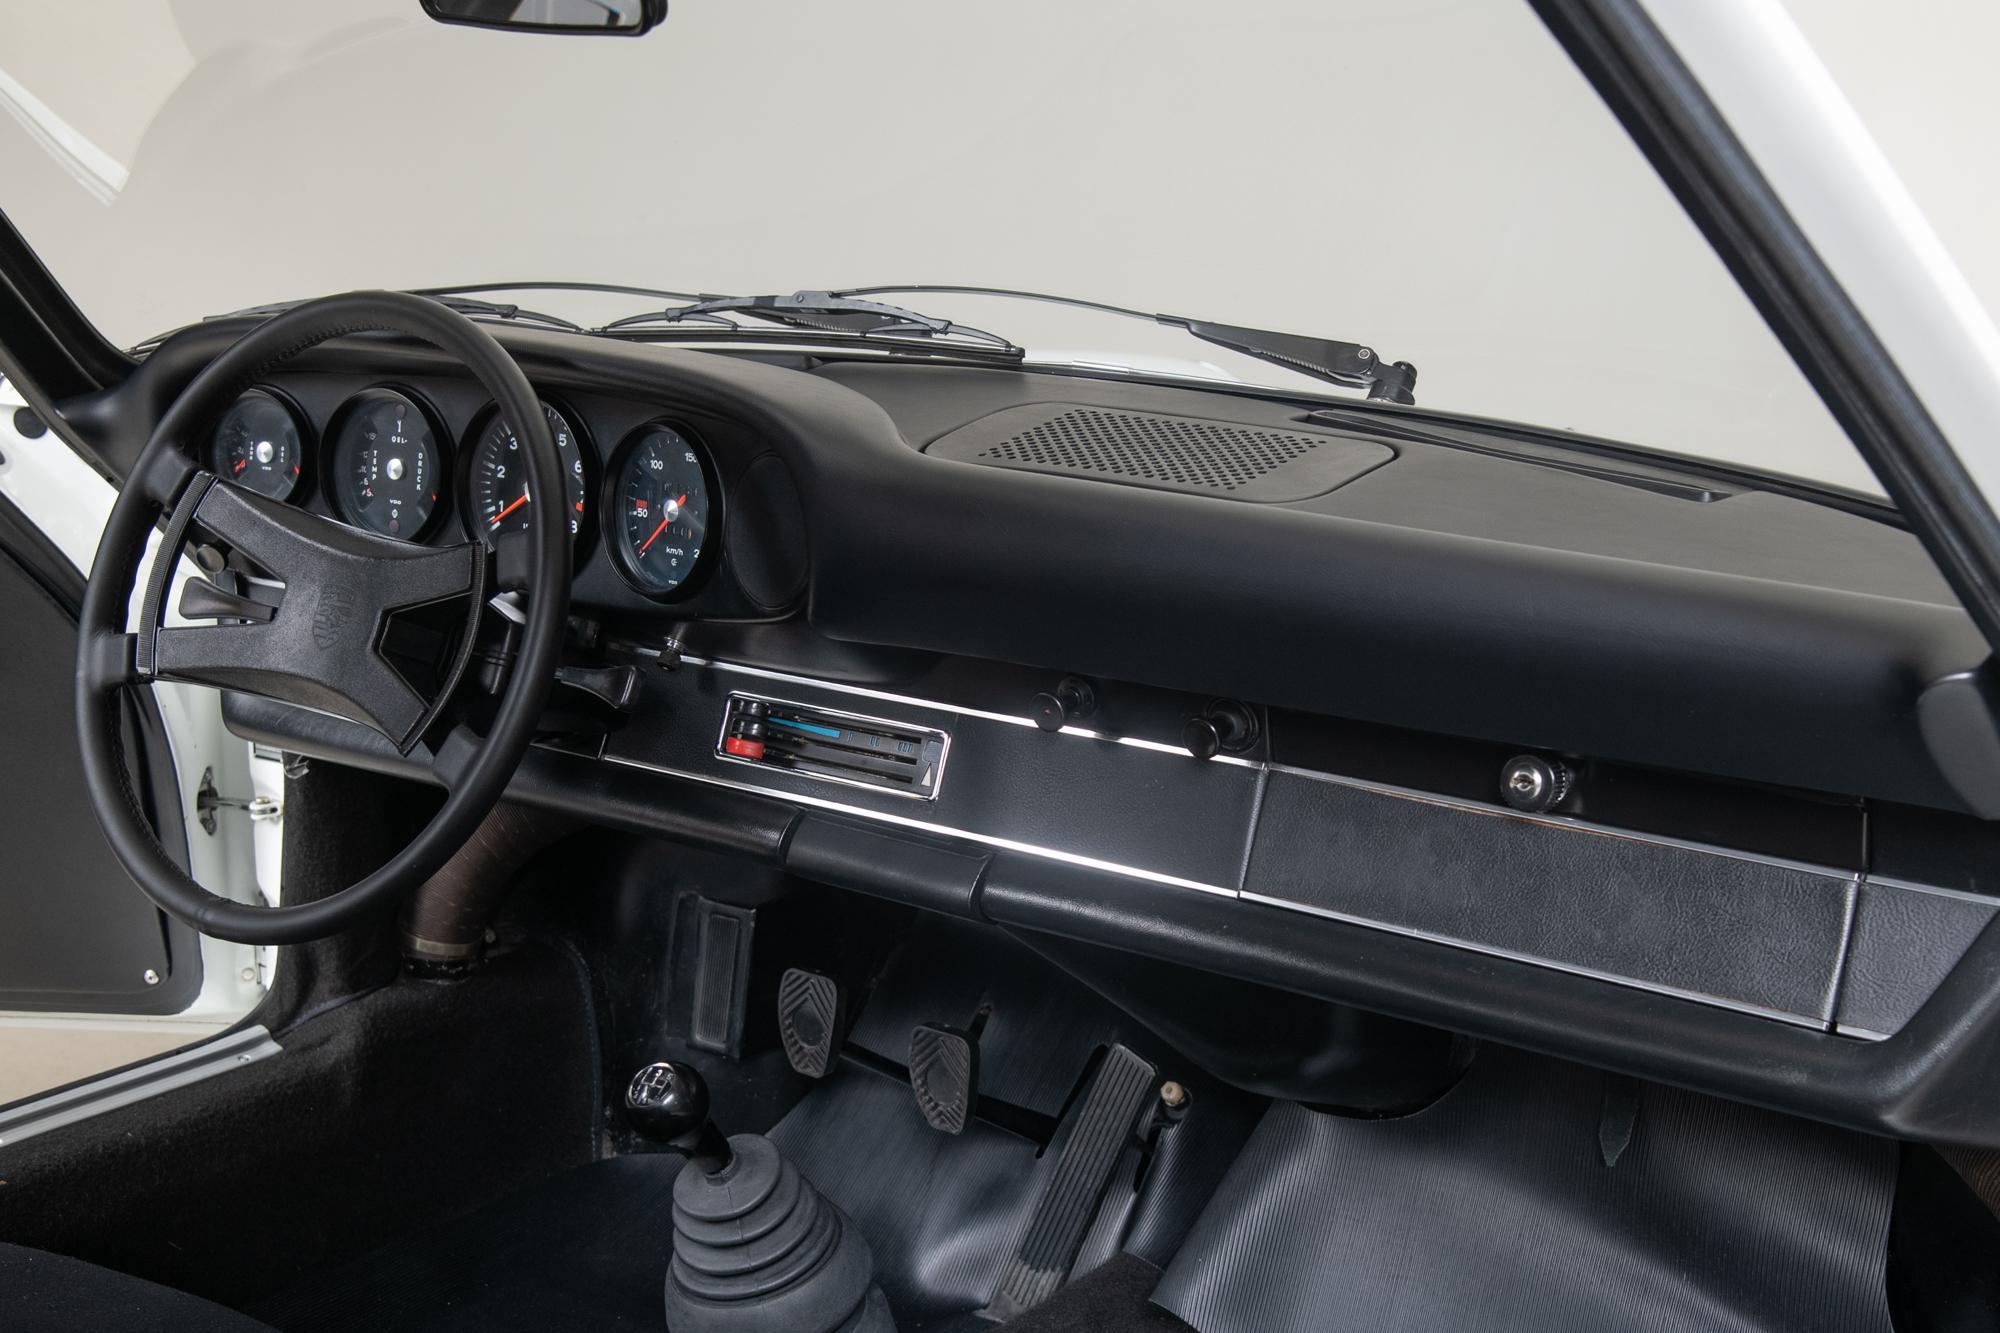 1973 Porsche 911 Carrera RS , GRAND PRIX WHITE, VIN 9113600096, MILEAGE 56998